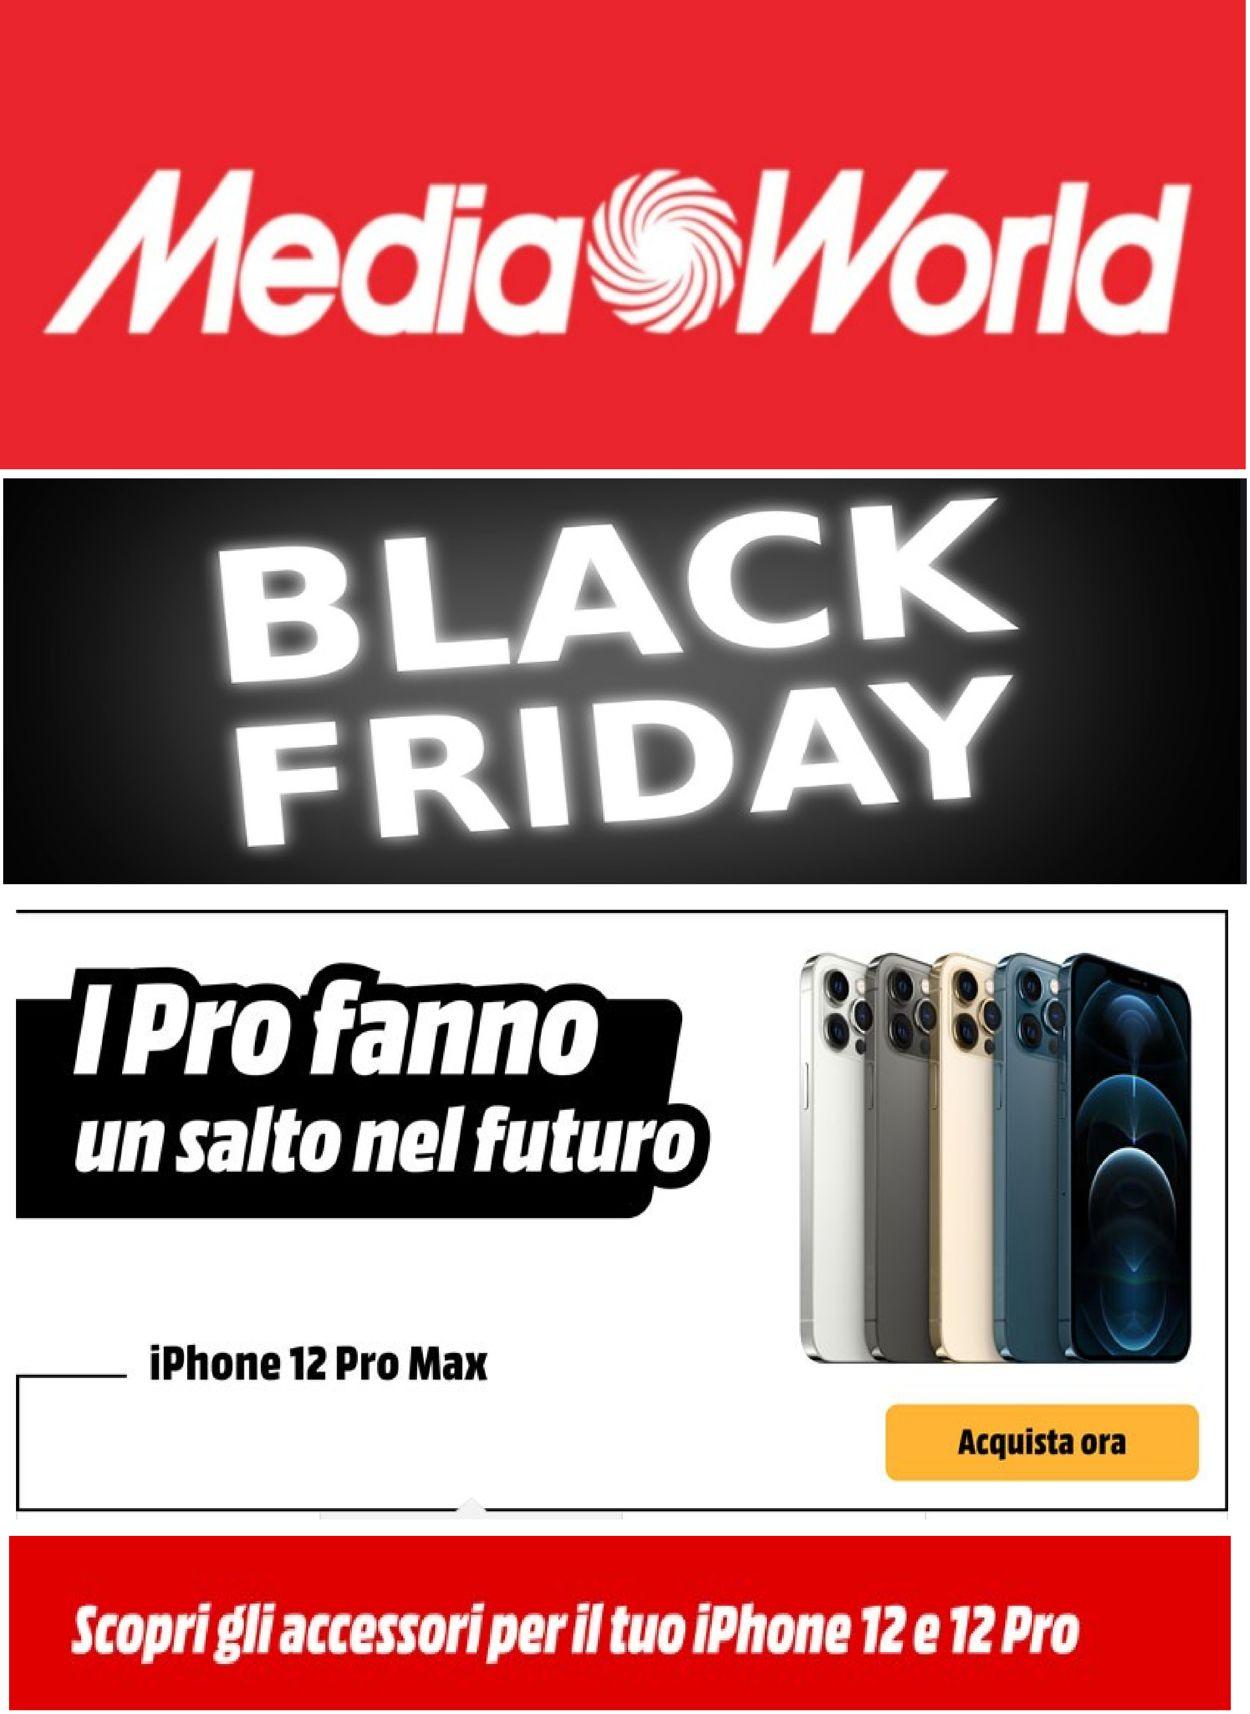 Volantino Media World - Black Friday 2020 - Offerte 19/11-25/11/2020